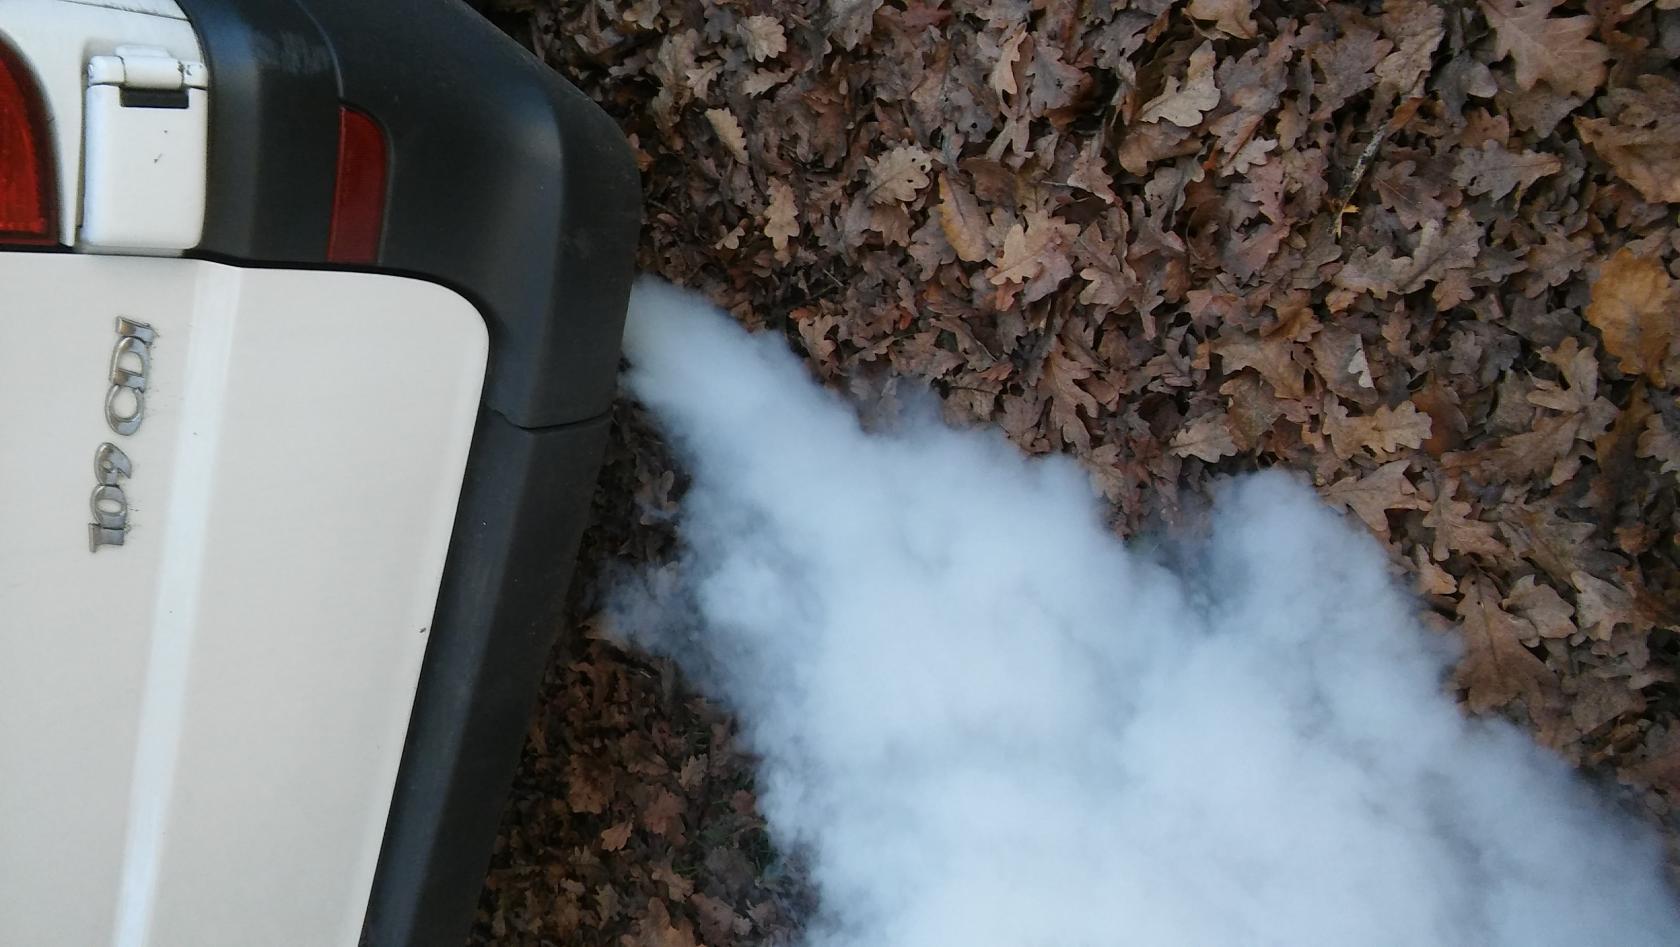 vito 109 cdi grosse fum e au ralenti seulement page 1 vito viano 639 forum. Black Bedroom Furniture Sets. Home Design Ideas